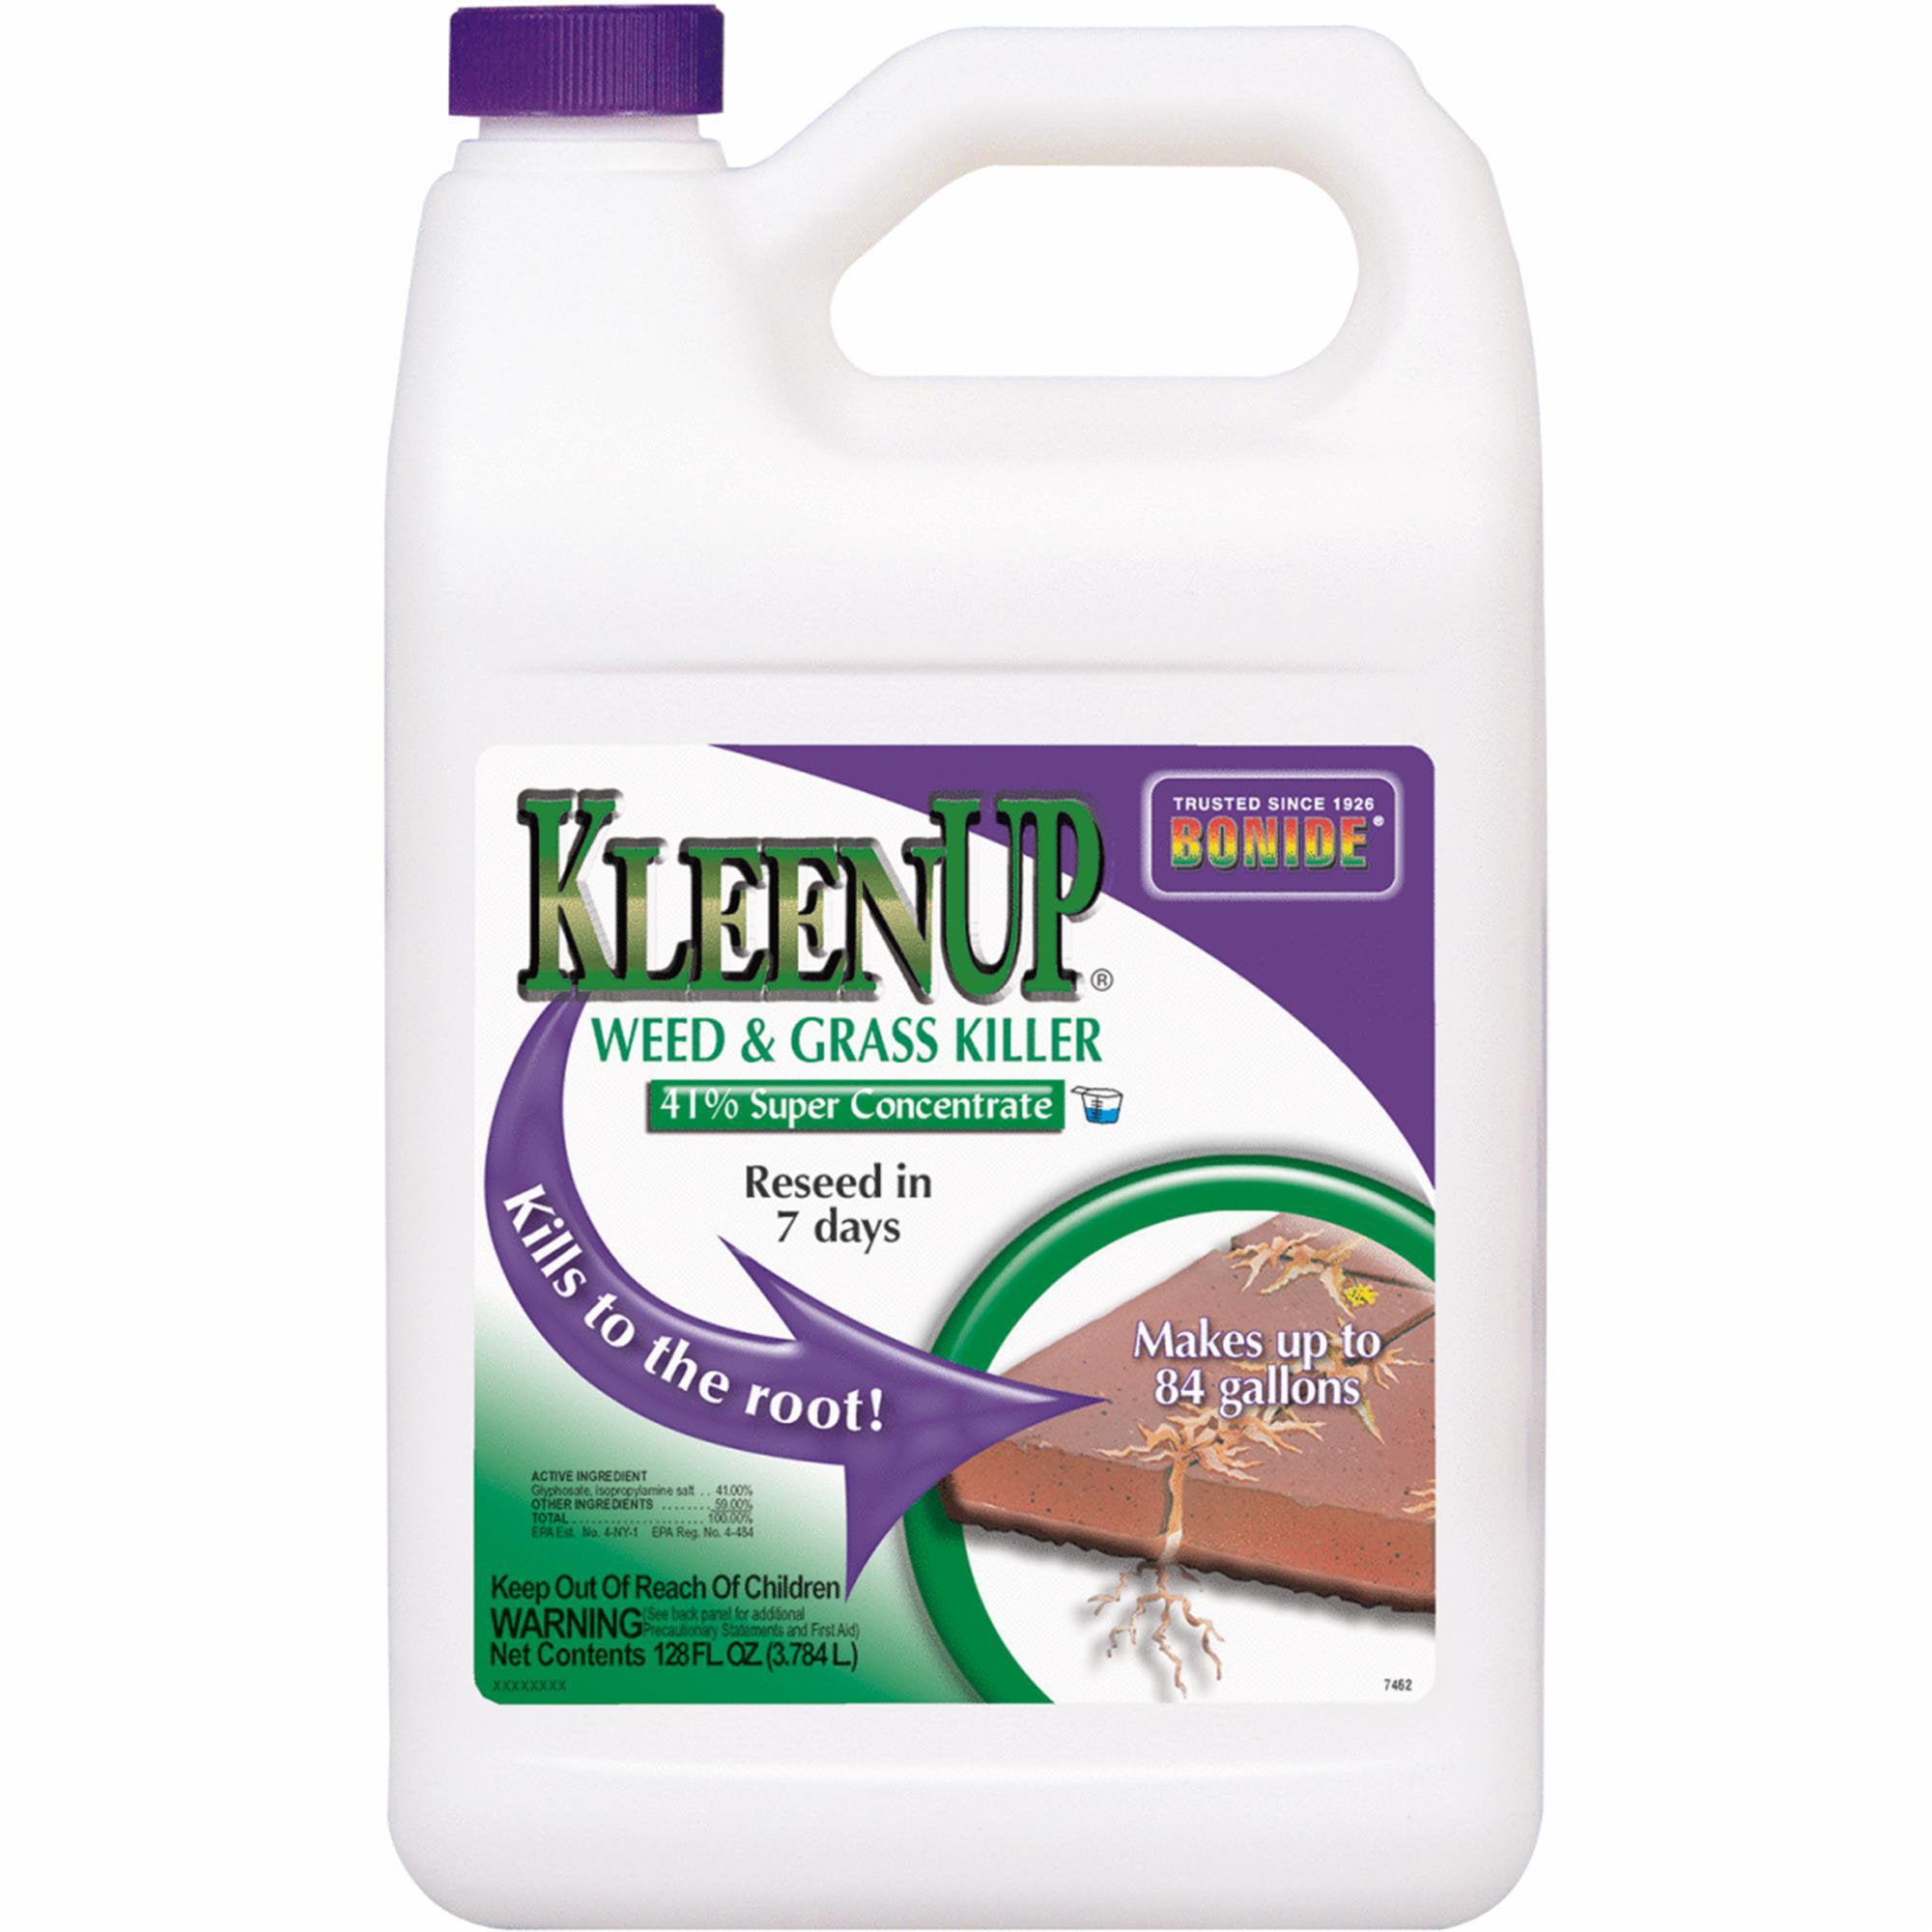 Bonide KleenUP Weed & Grass Killer